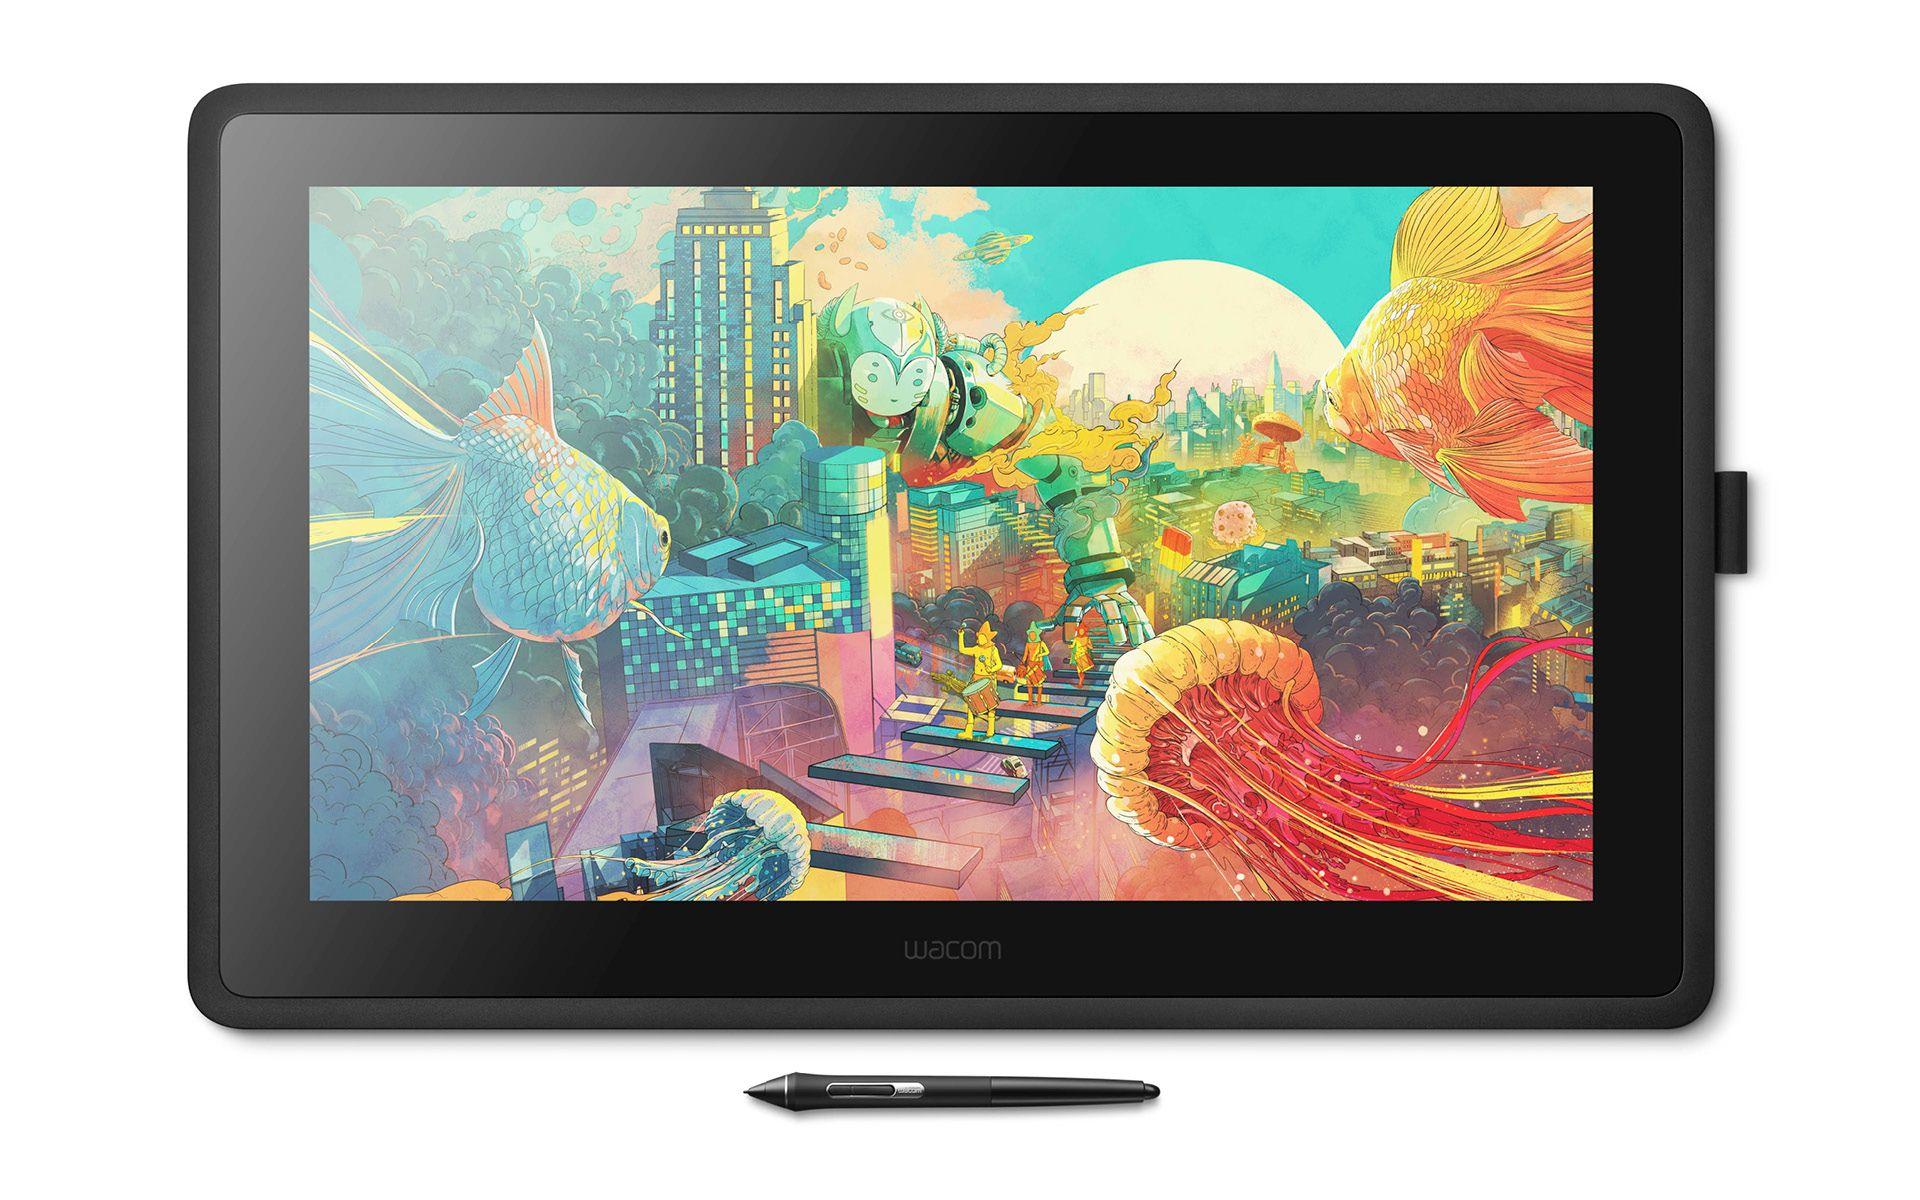 Wacom Cintiq 22 creative pen display Tablet DTK2260K0A £655 @ Wacom.com